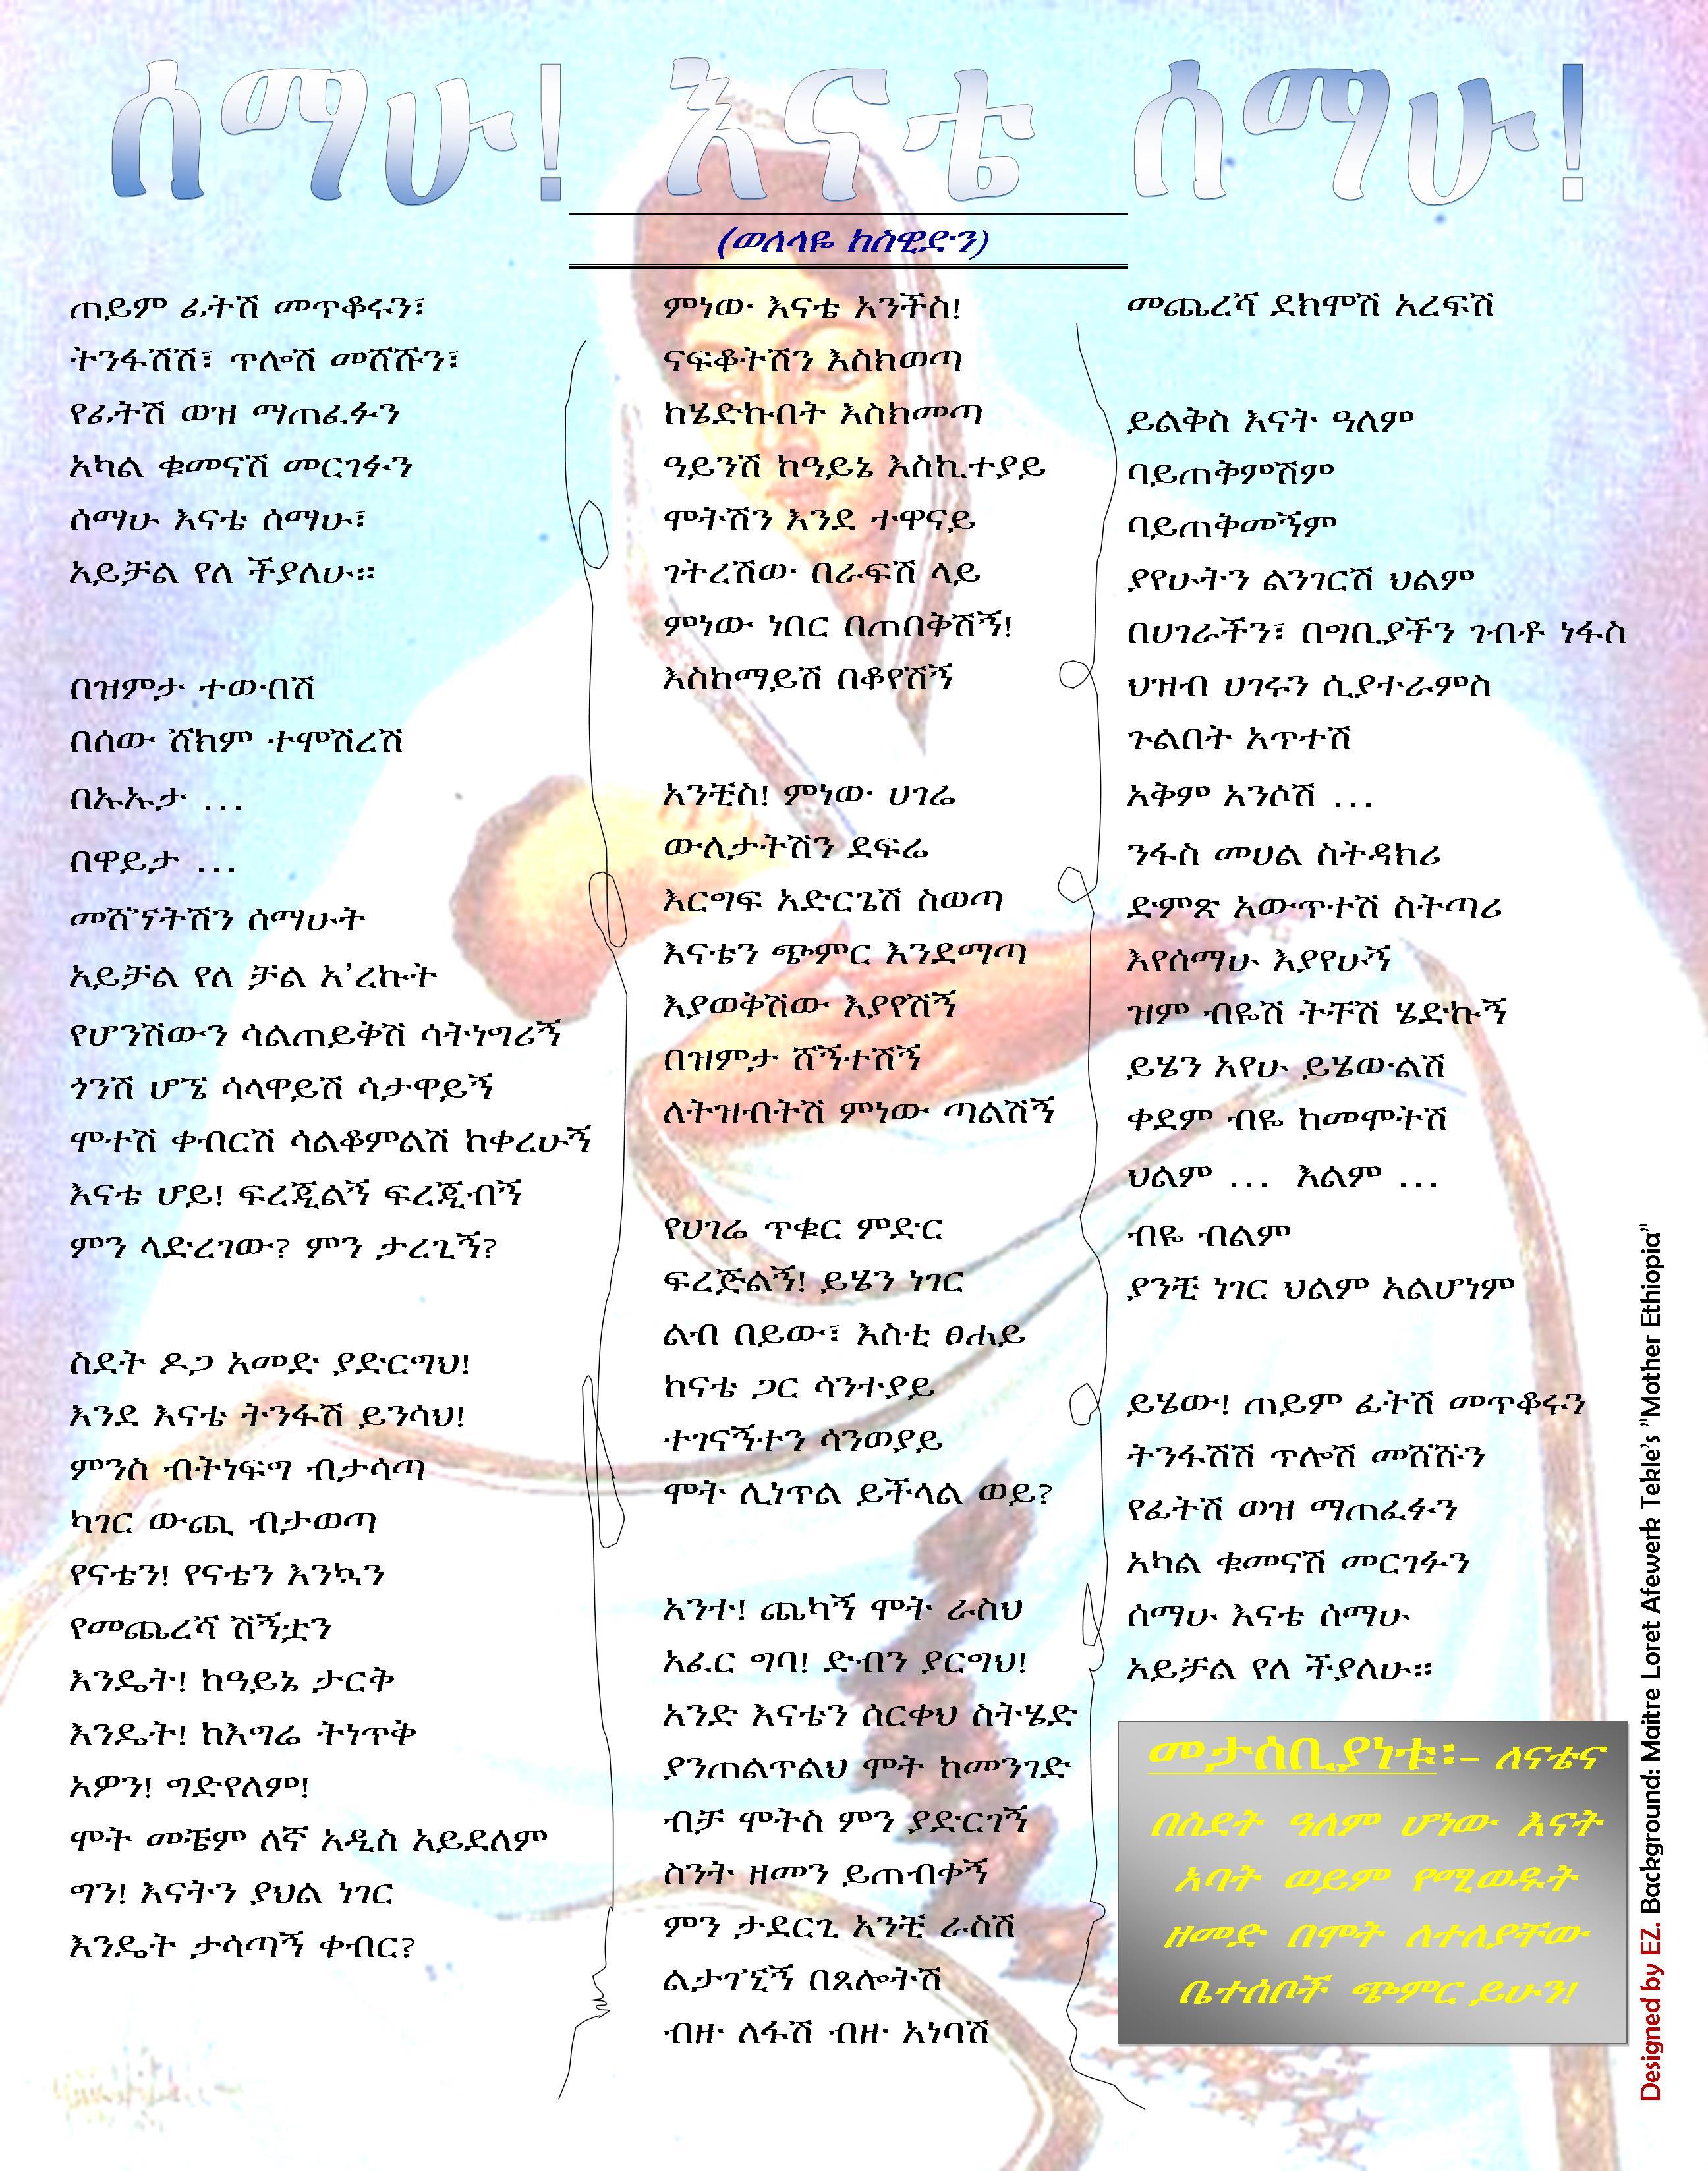 http://ethiopiazare.com/images/doc/images/poem/2014/141022-semahu-enate-semahu-by-welelaye.jpg